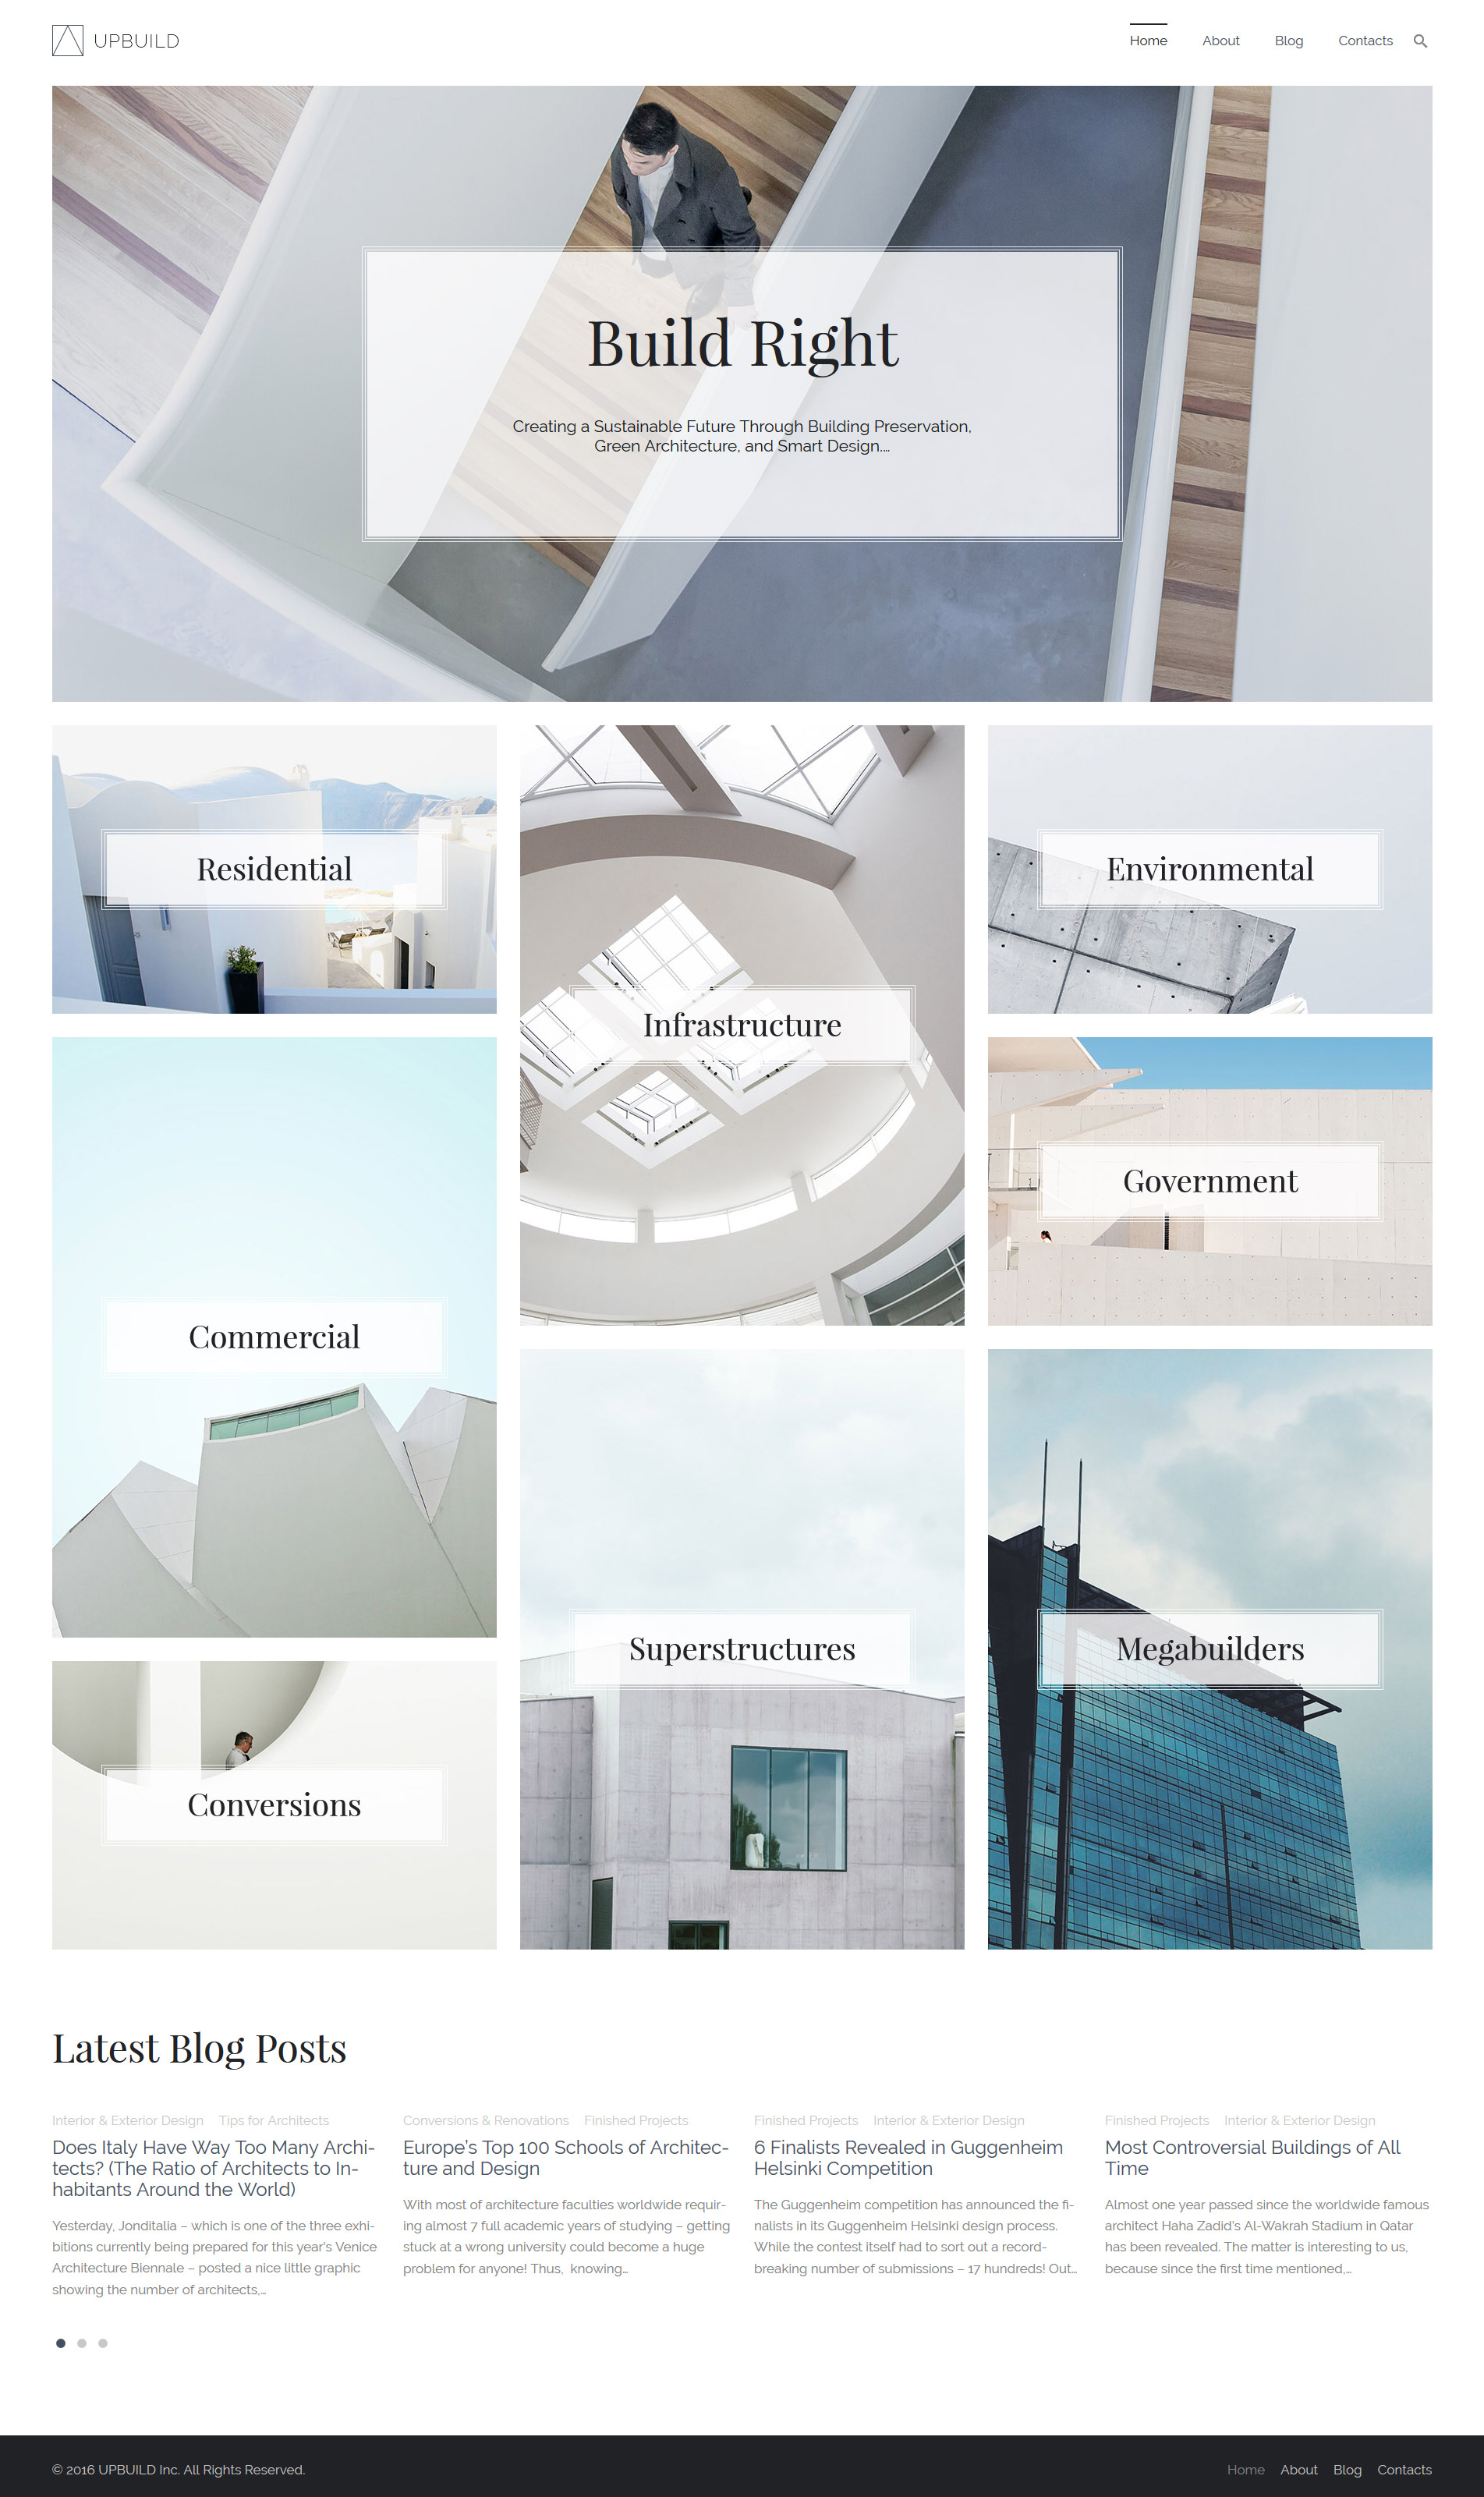 Responsivt Upbuild - Architecture Firm WordPress-tema #59021 - skärmbild